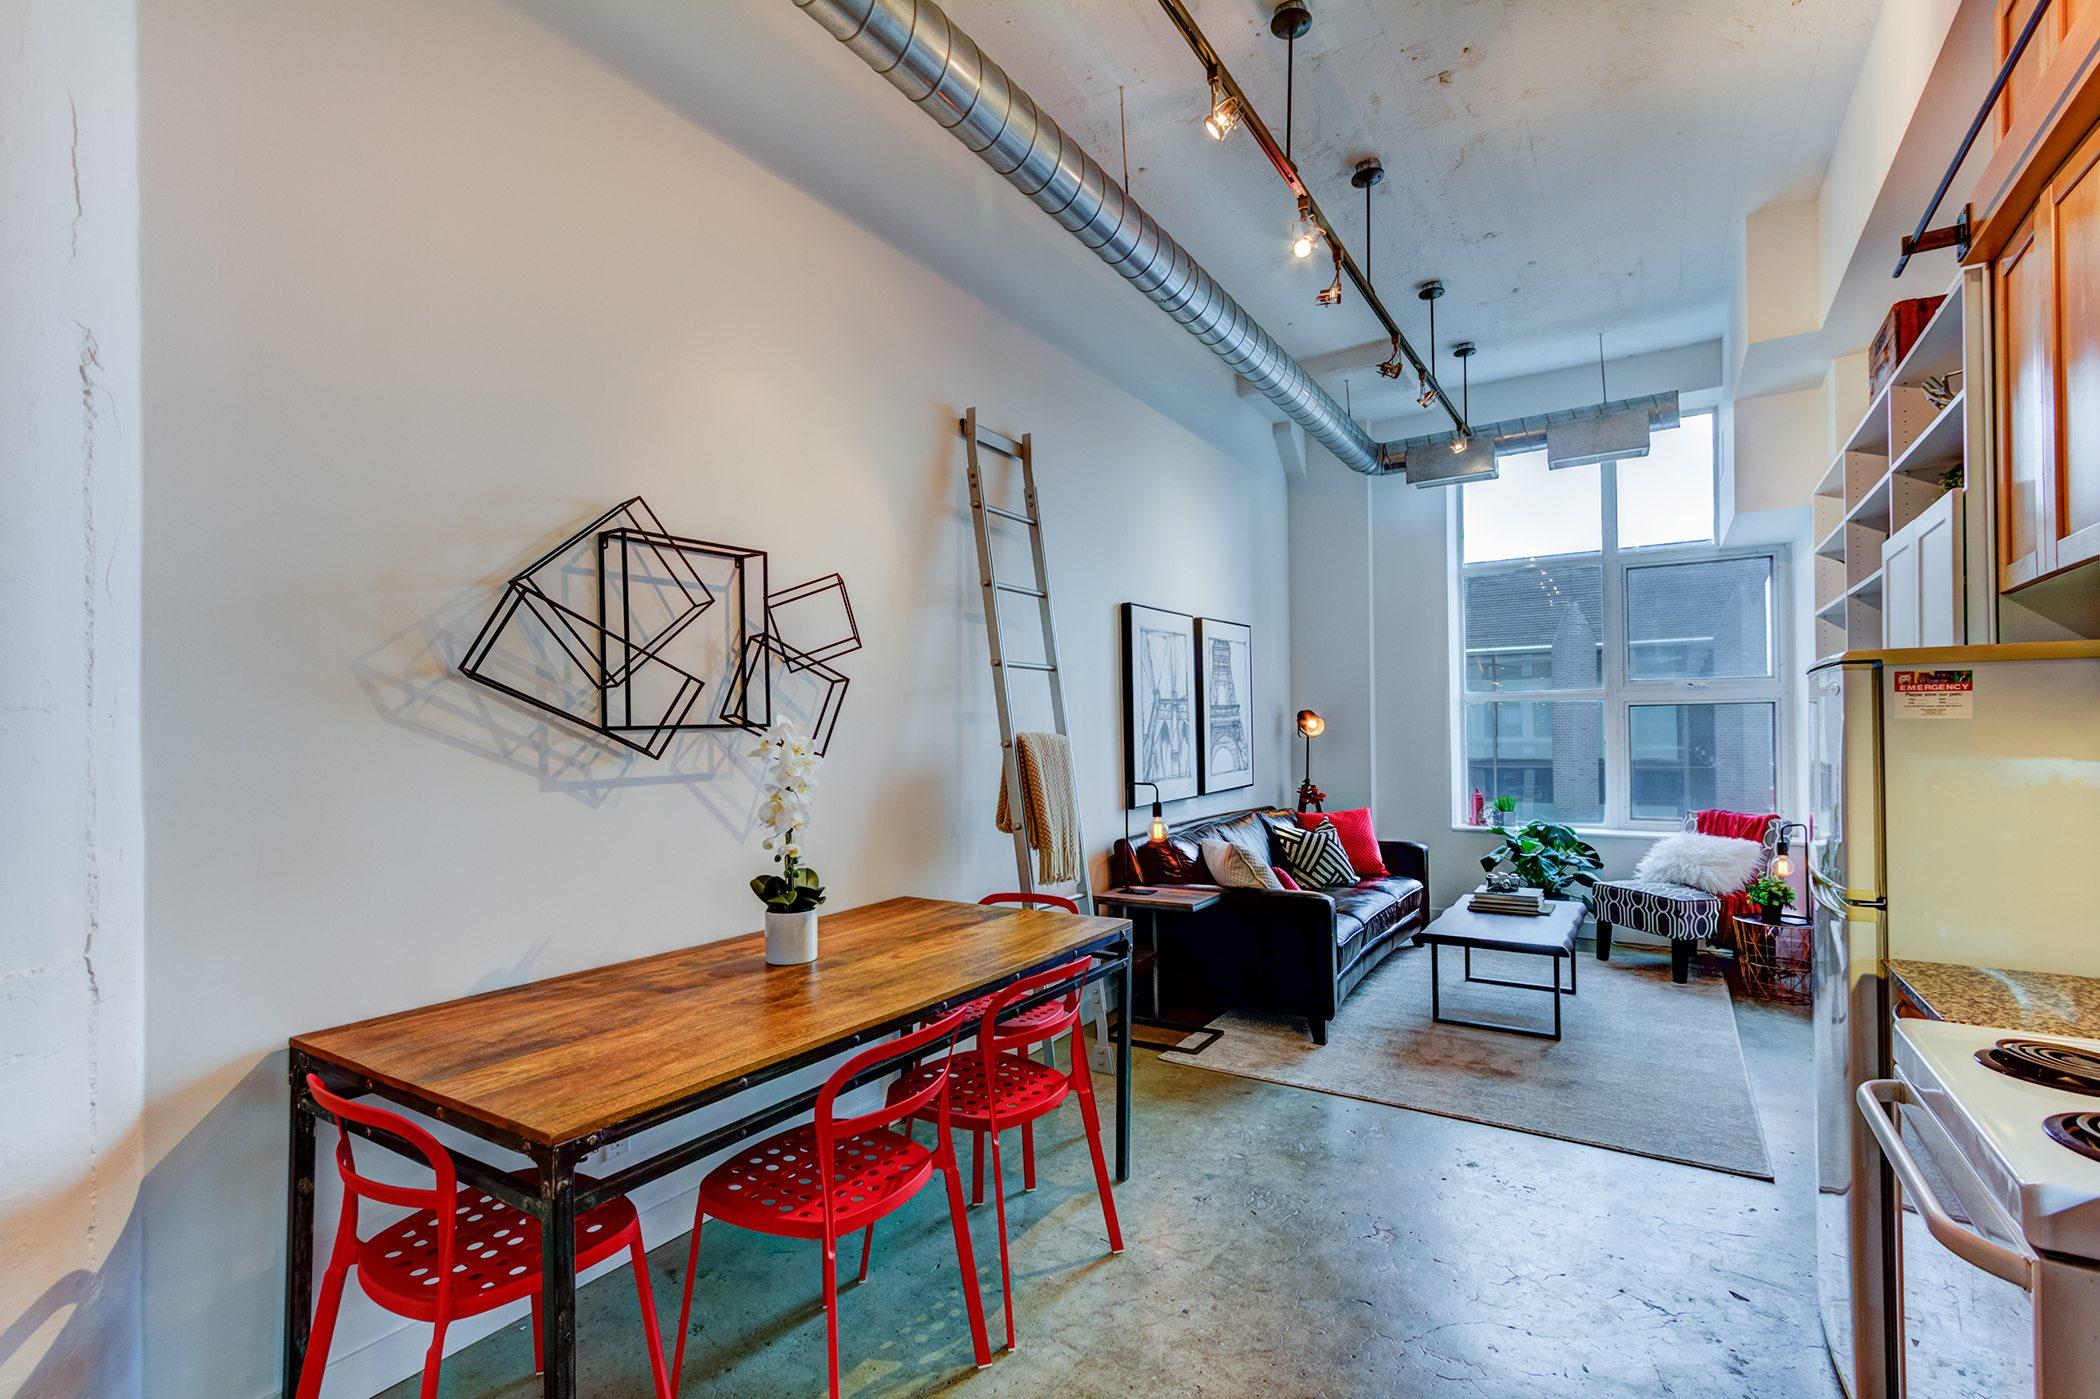 toronto-apartment-for-rent-155-dalhousie-street-4